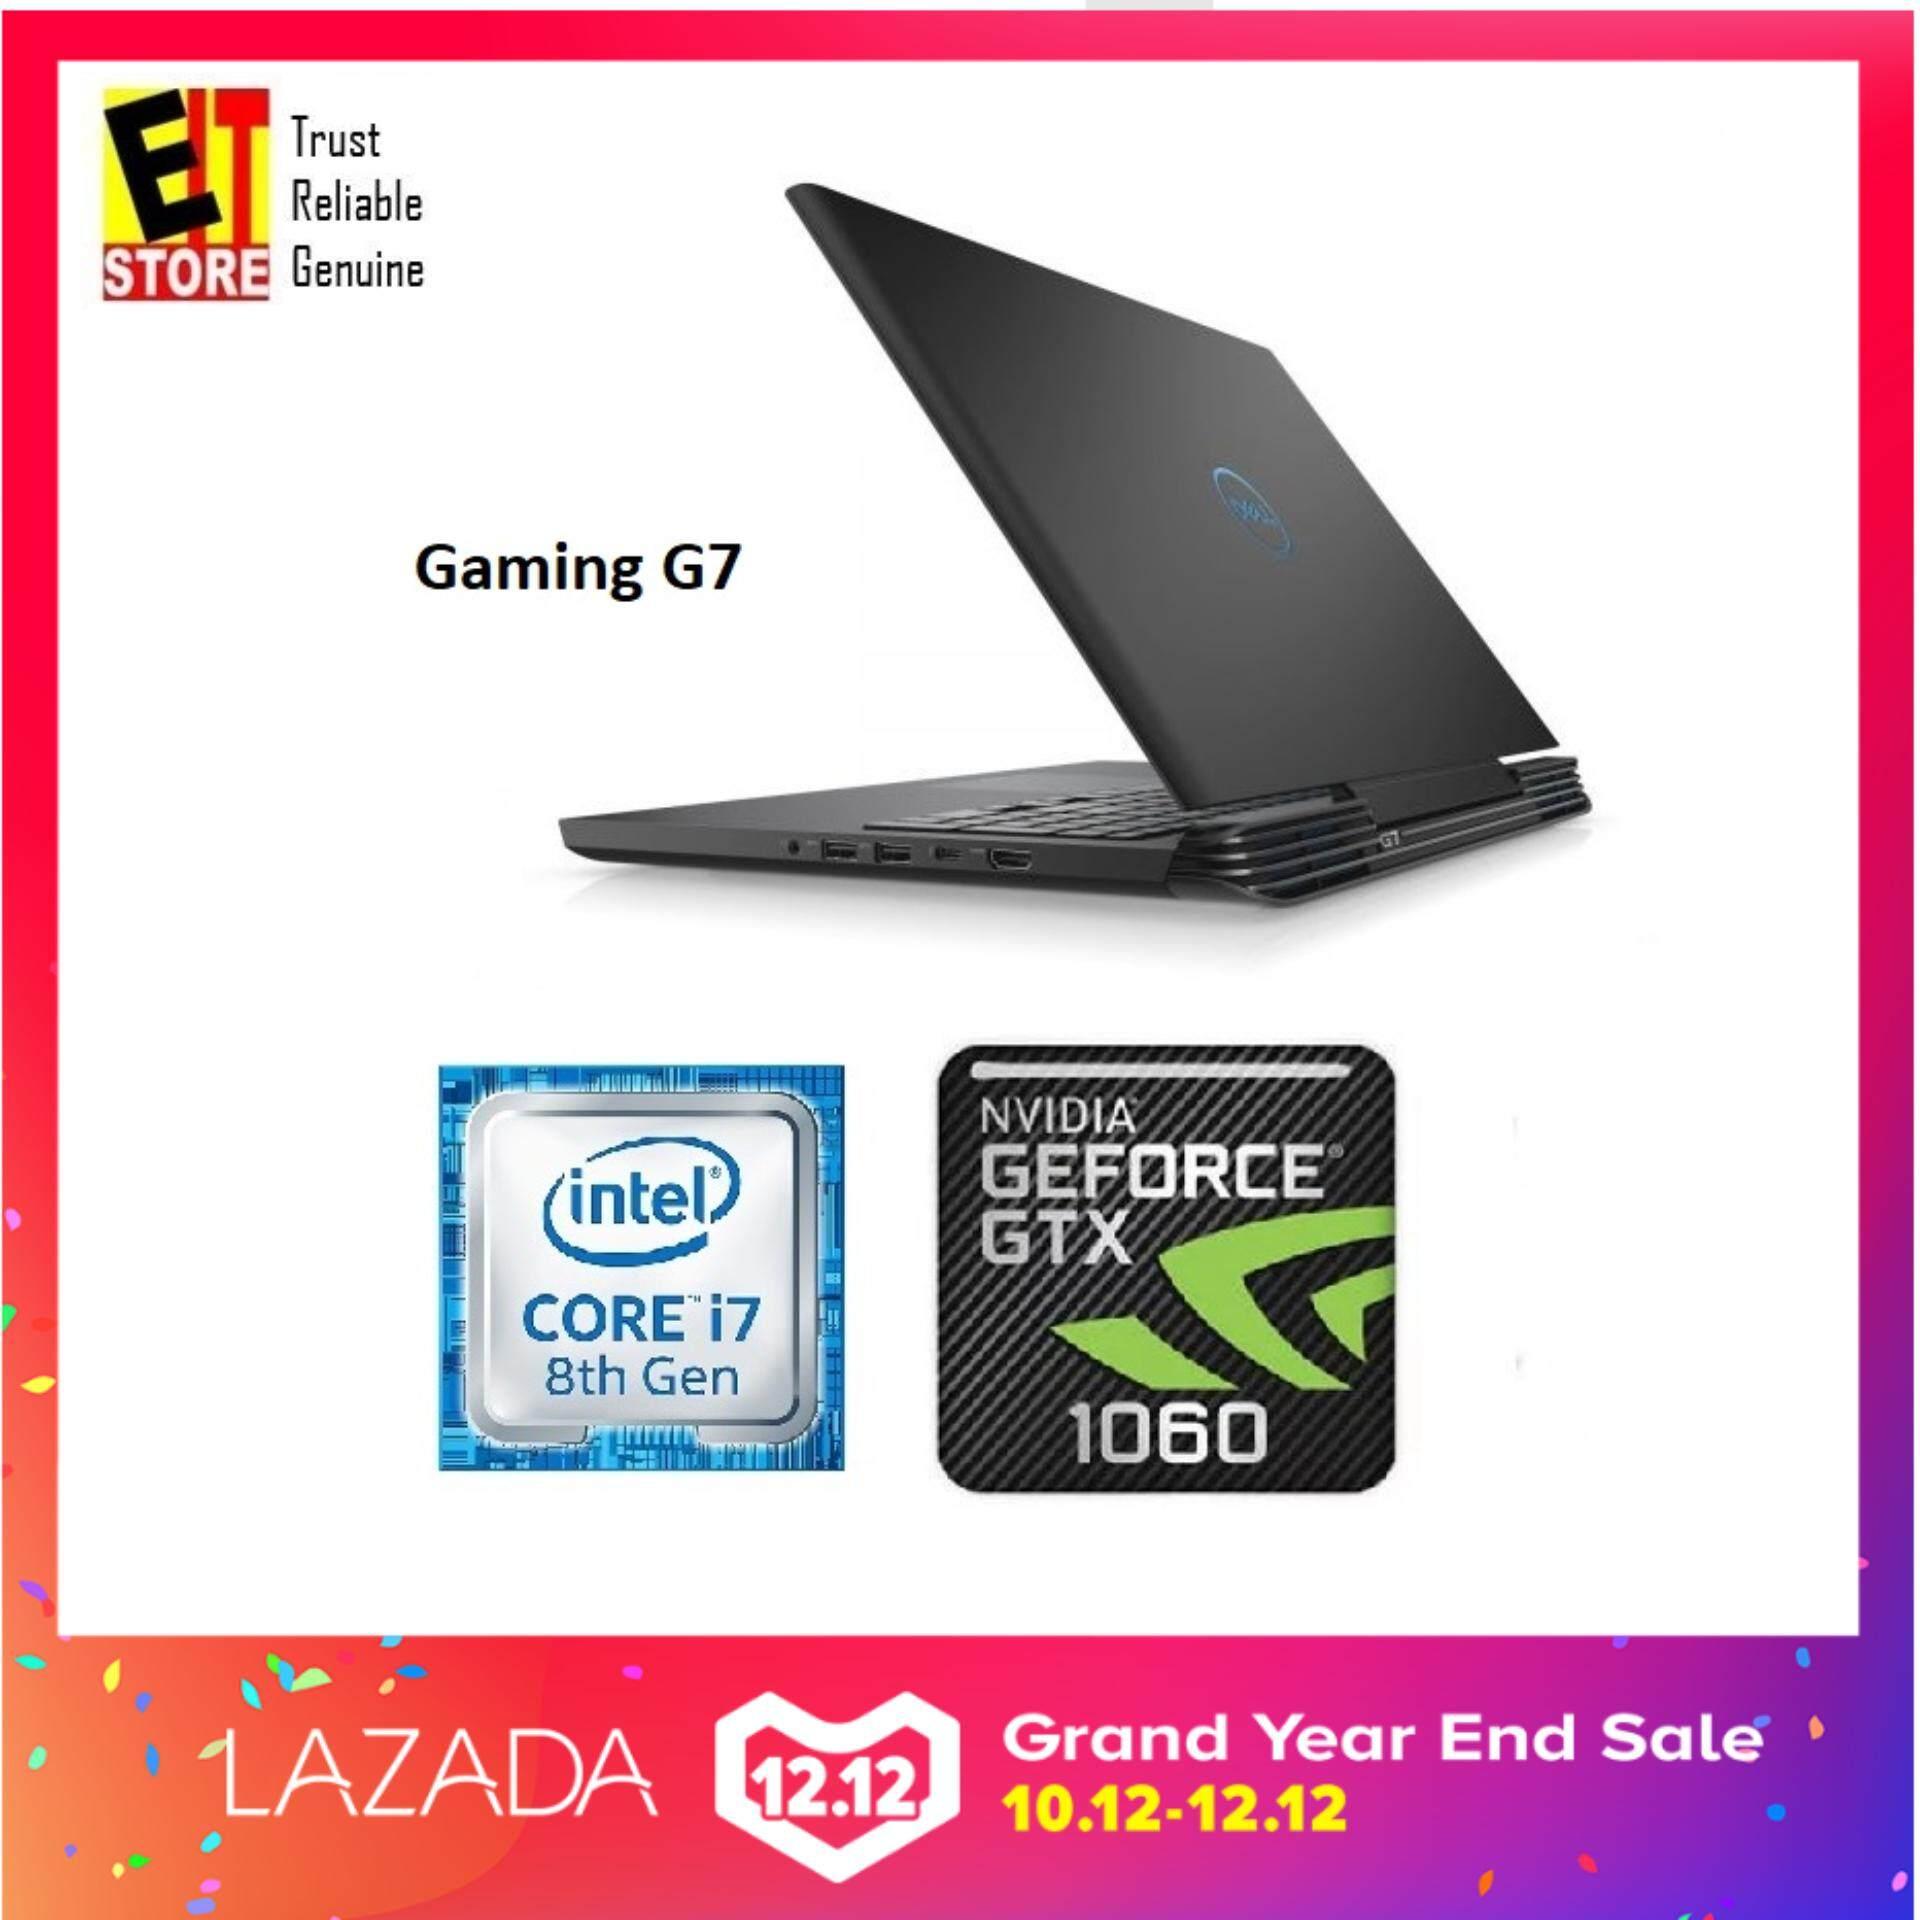 DELL GAMING G7 BLACK (I7-8750H/16GB/1TB+256GB SSD/6GB GTX1060/15.6 FHD/W10/2YRS) - G7-87116GFHD-W10-1060 Malaysia